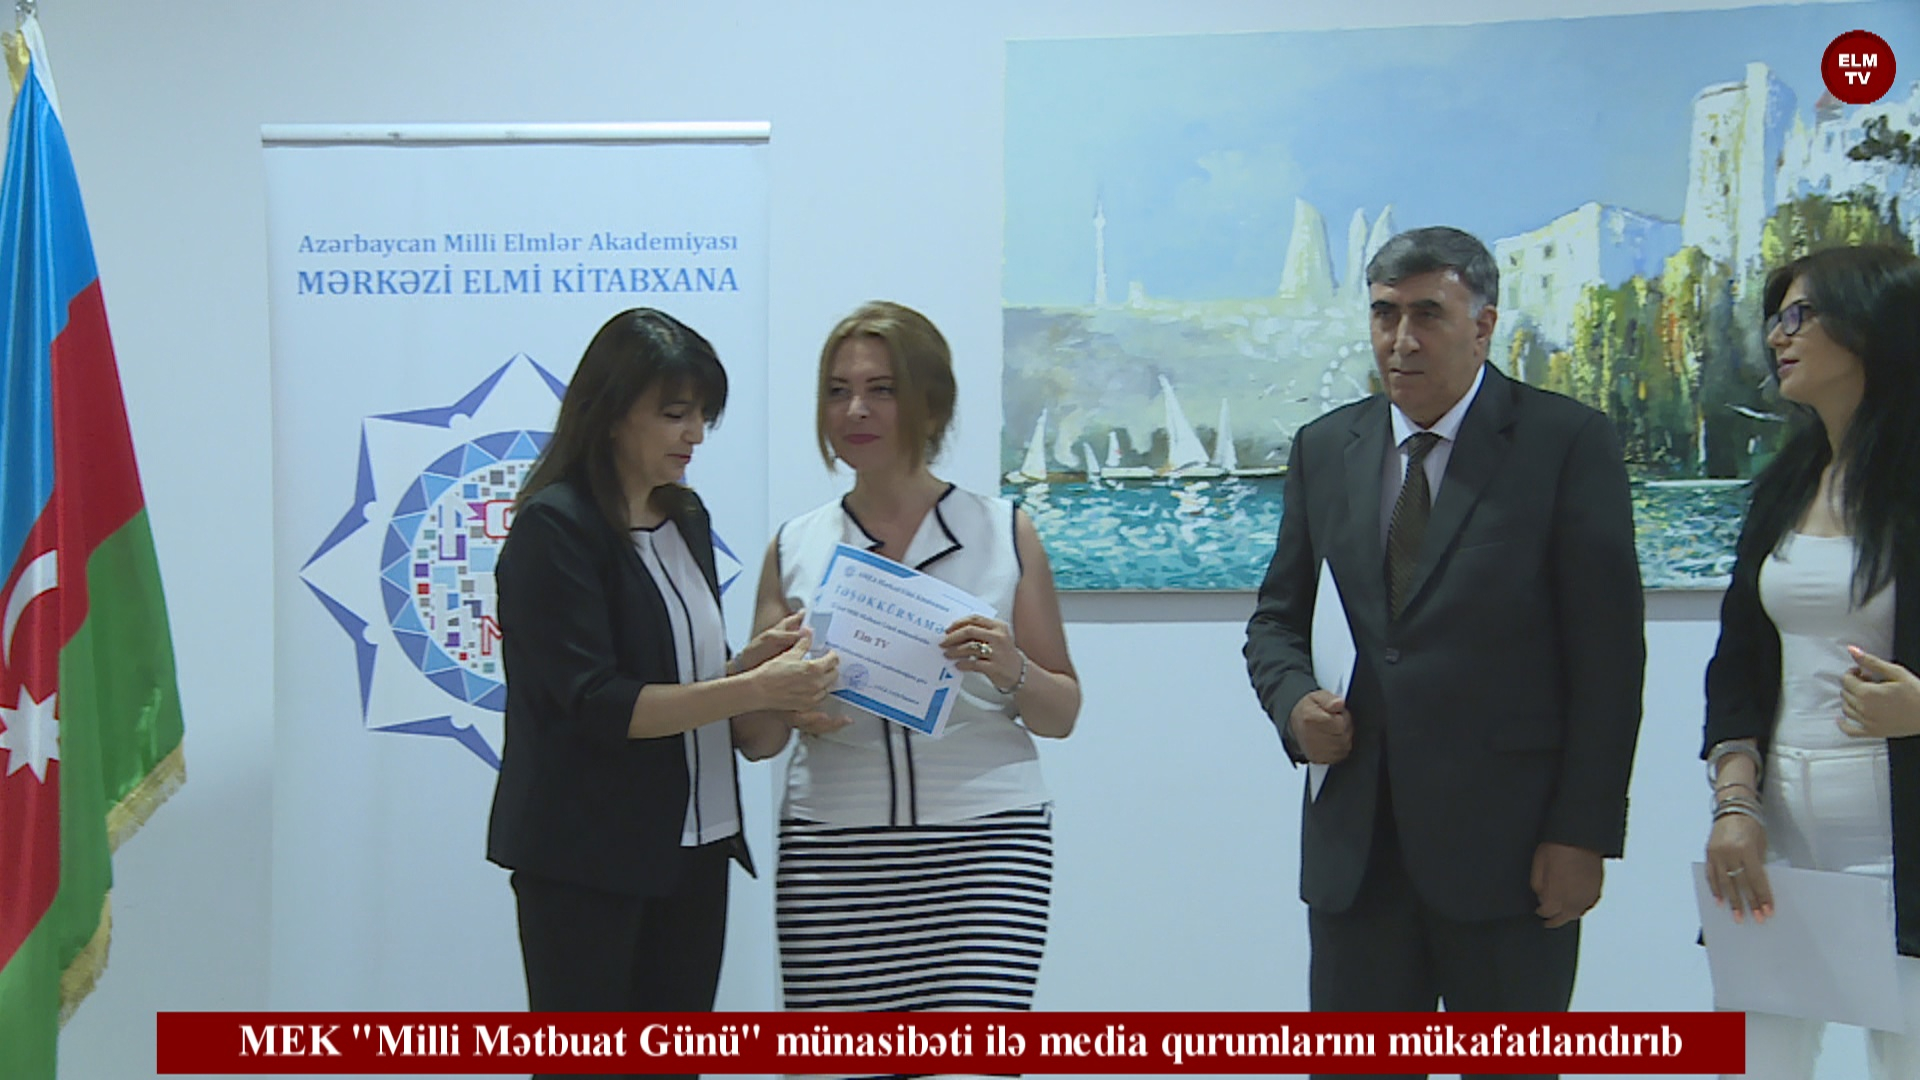 MEK  Milli Mətbuat Günü  münasibəti ilə media qurumlarını mükafatlandırıb